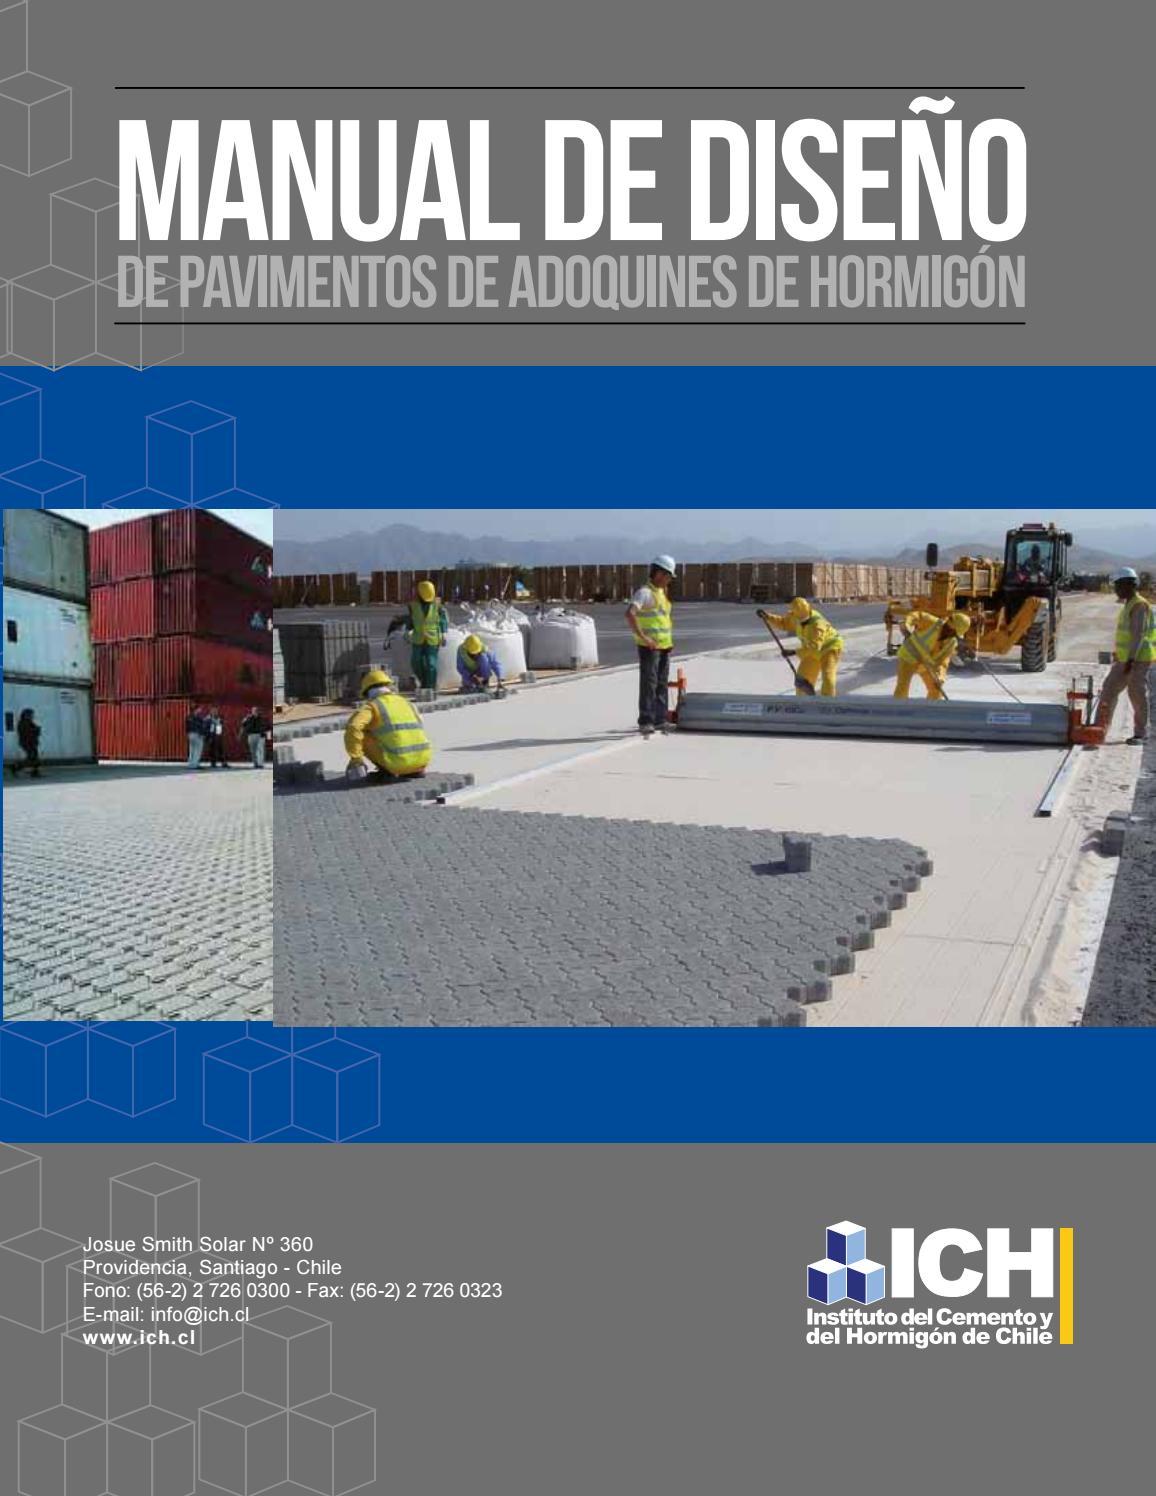 fotos de diseño de entrada de asfalto Manual Diseno De Pavimentos De Adoquines De Hormigon By